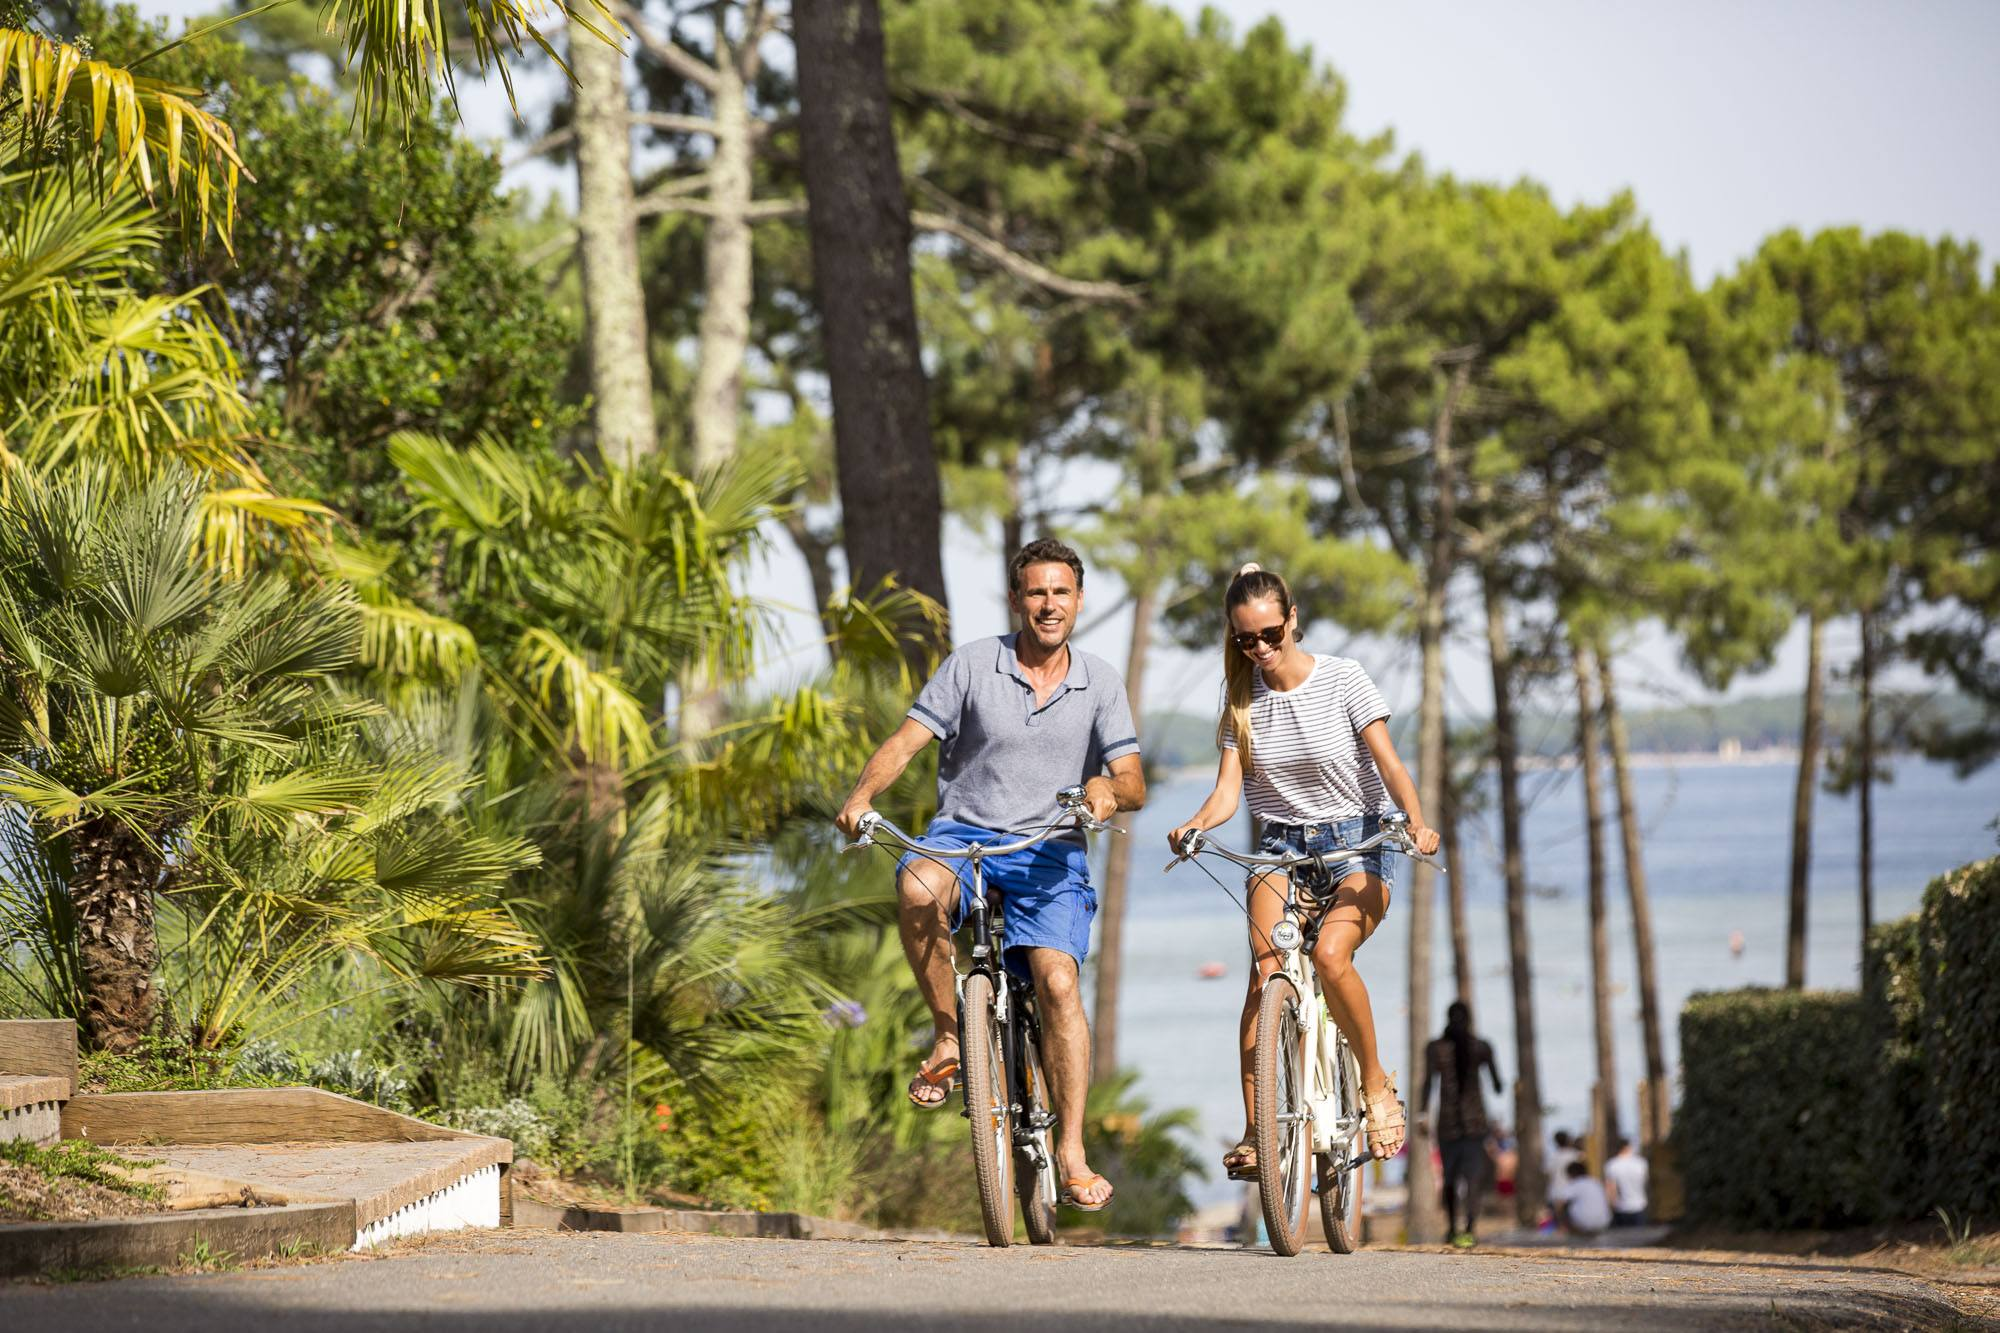 les pistes cyclables de Biscarrosse dans les Landes